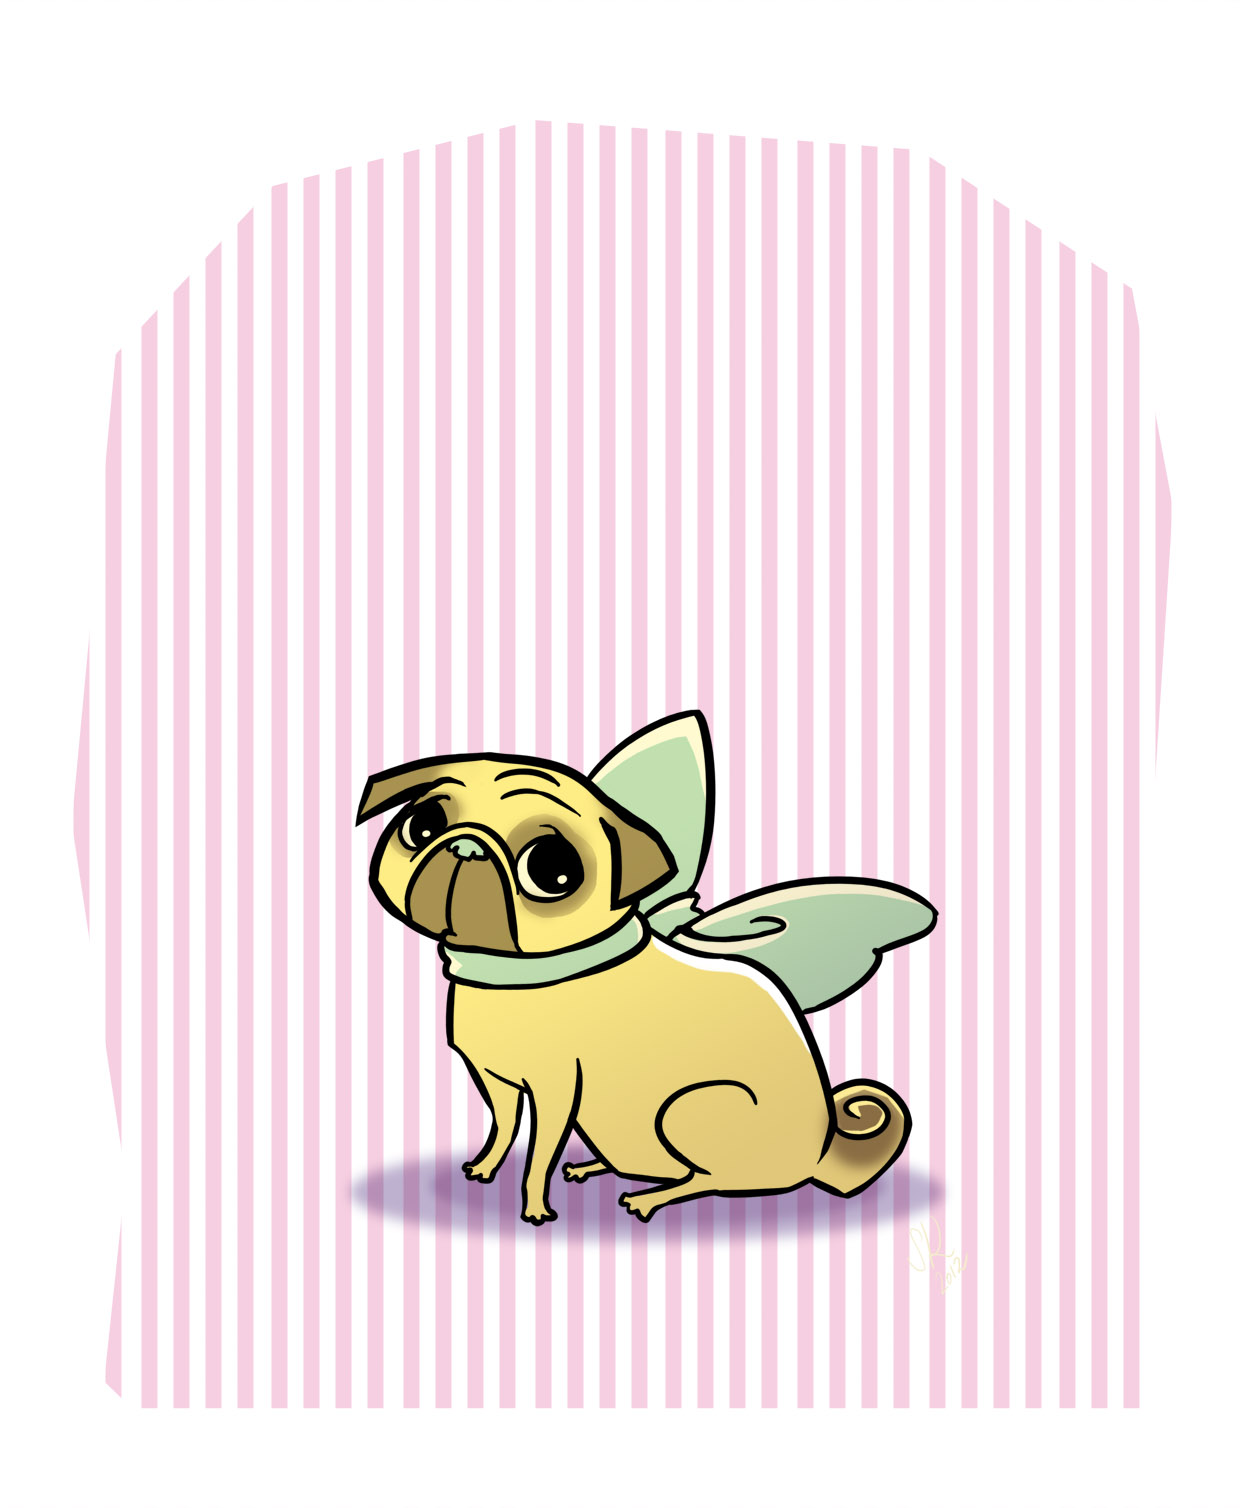 imagenes de animales perros - Desde un perro con zapatos hasta un gato con corbata: Las